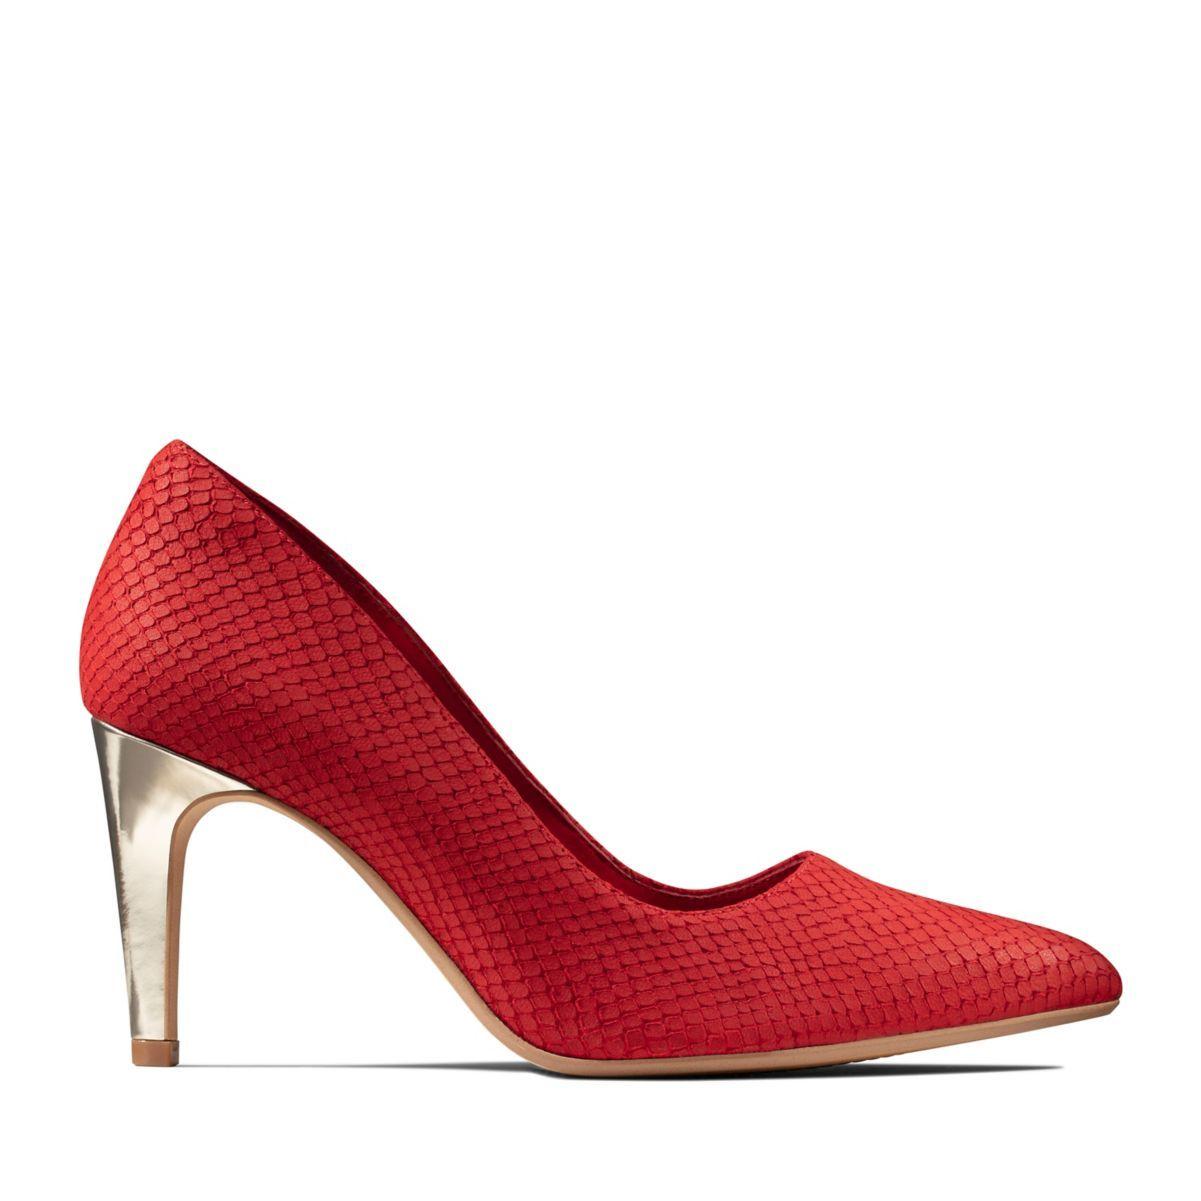 Laina Rae Red Interest Nubuck Dress Shoes